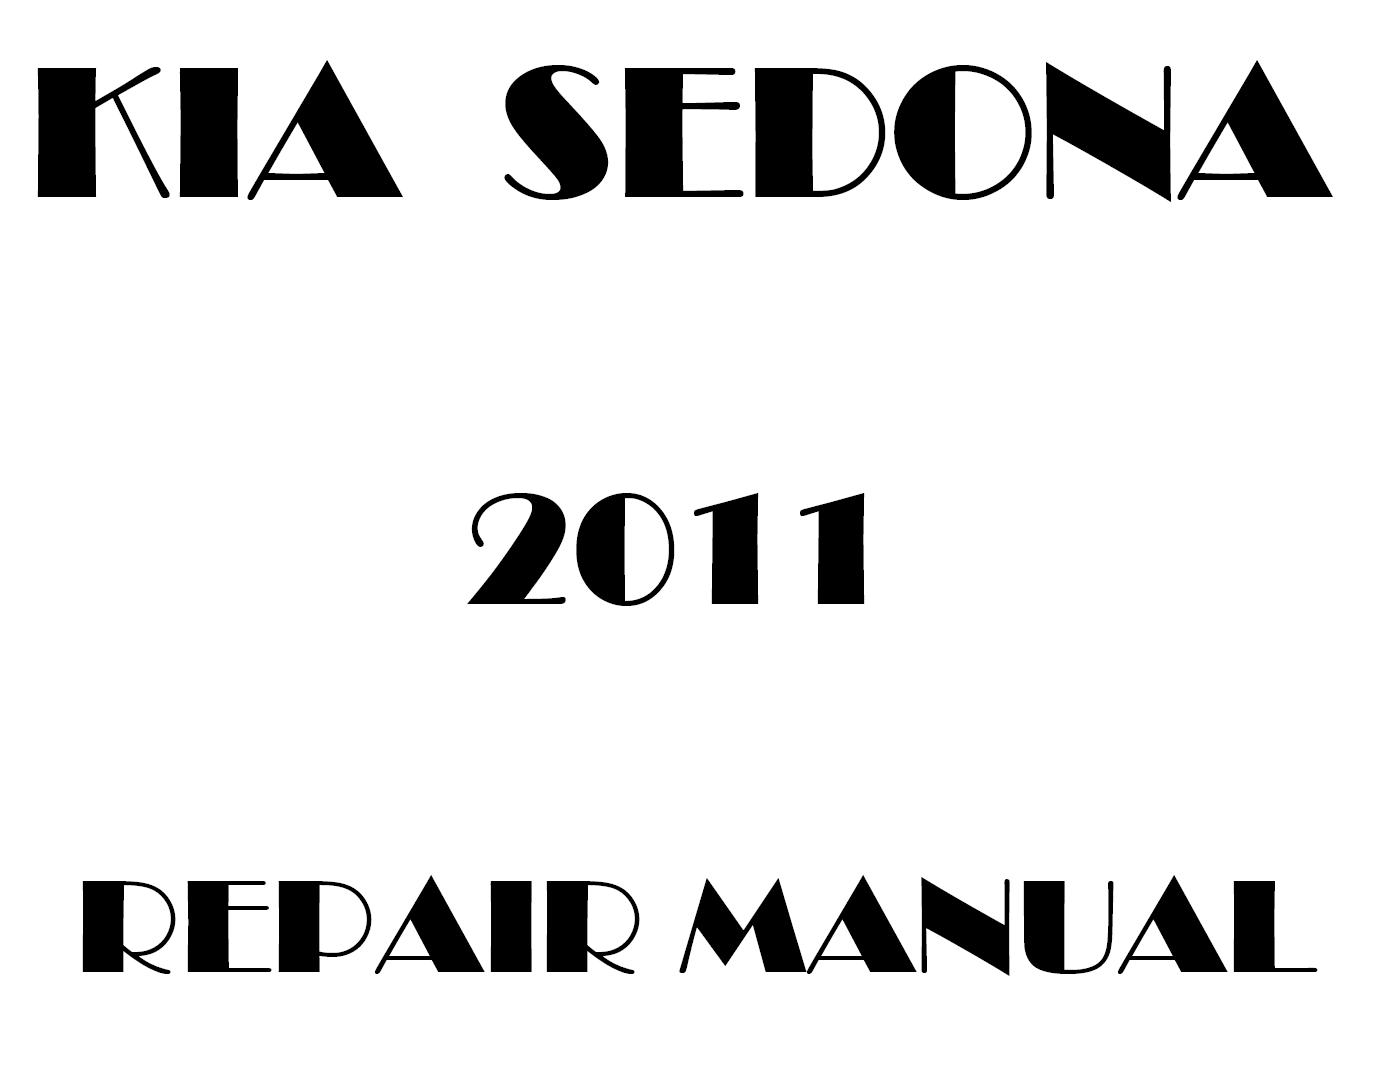 2011 Kia Sedona repair manual